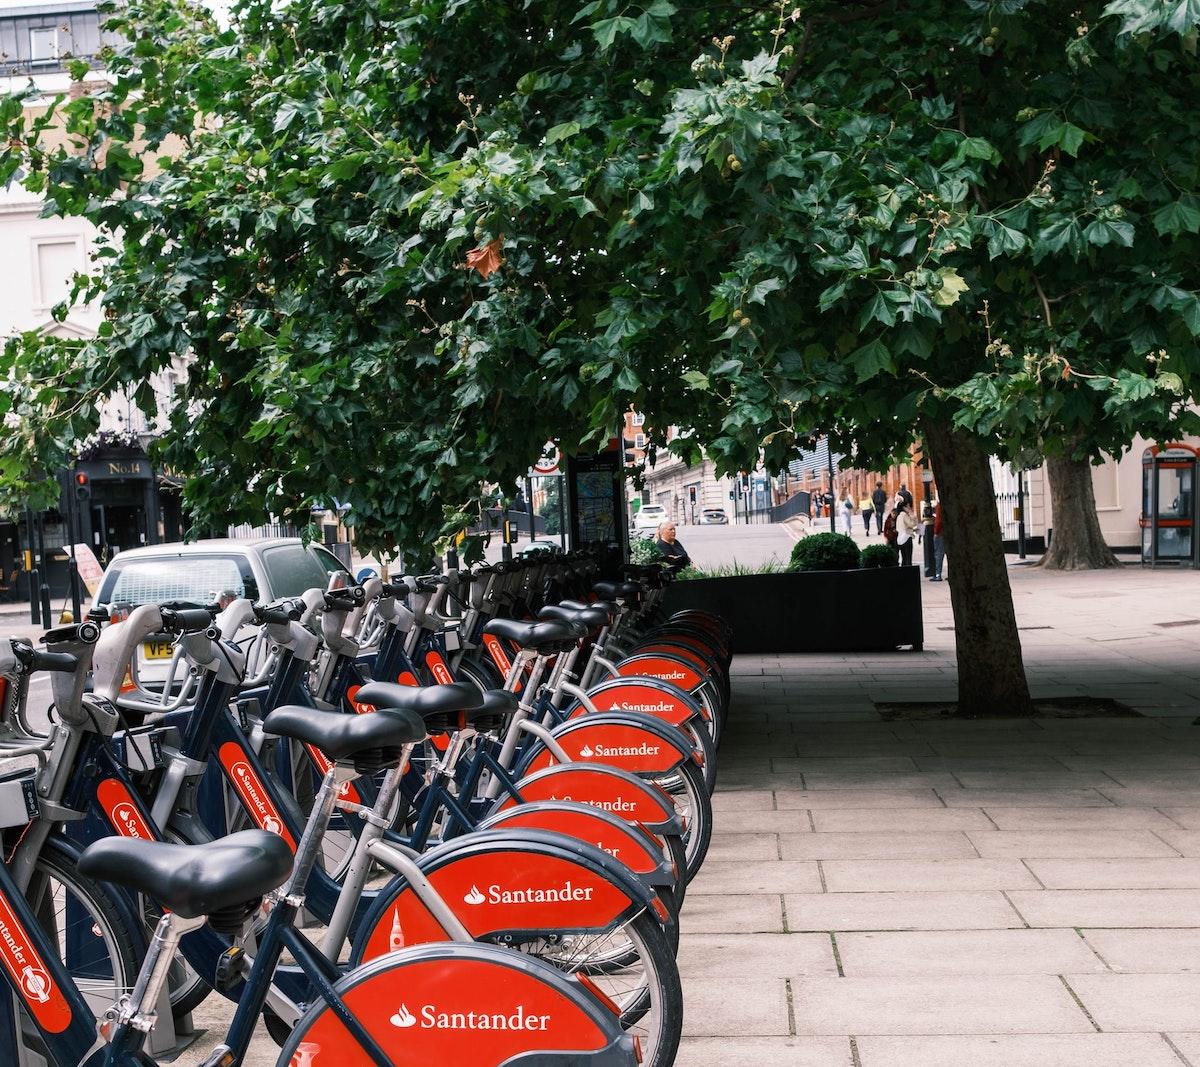 Santander-Cycles-London